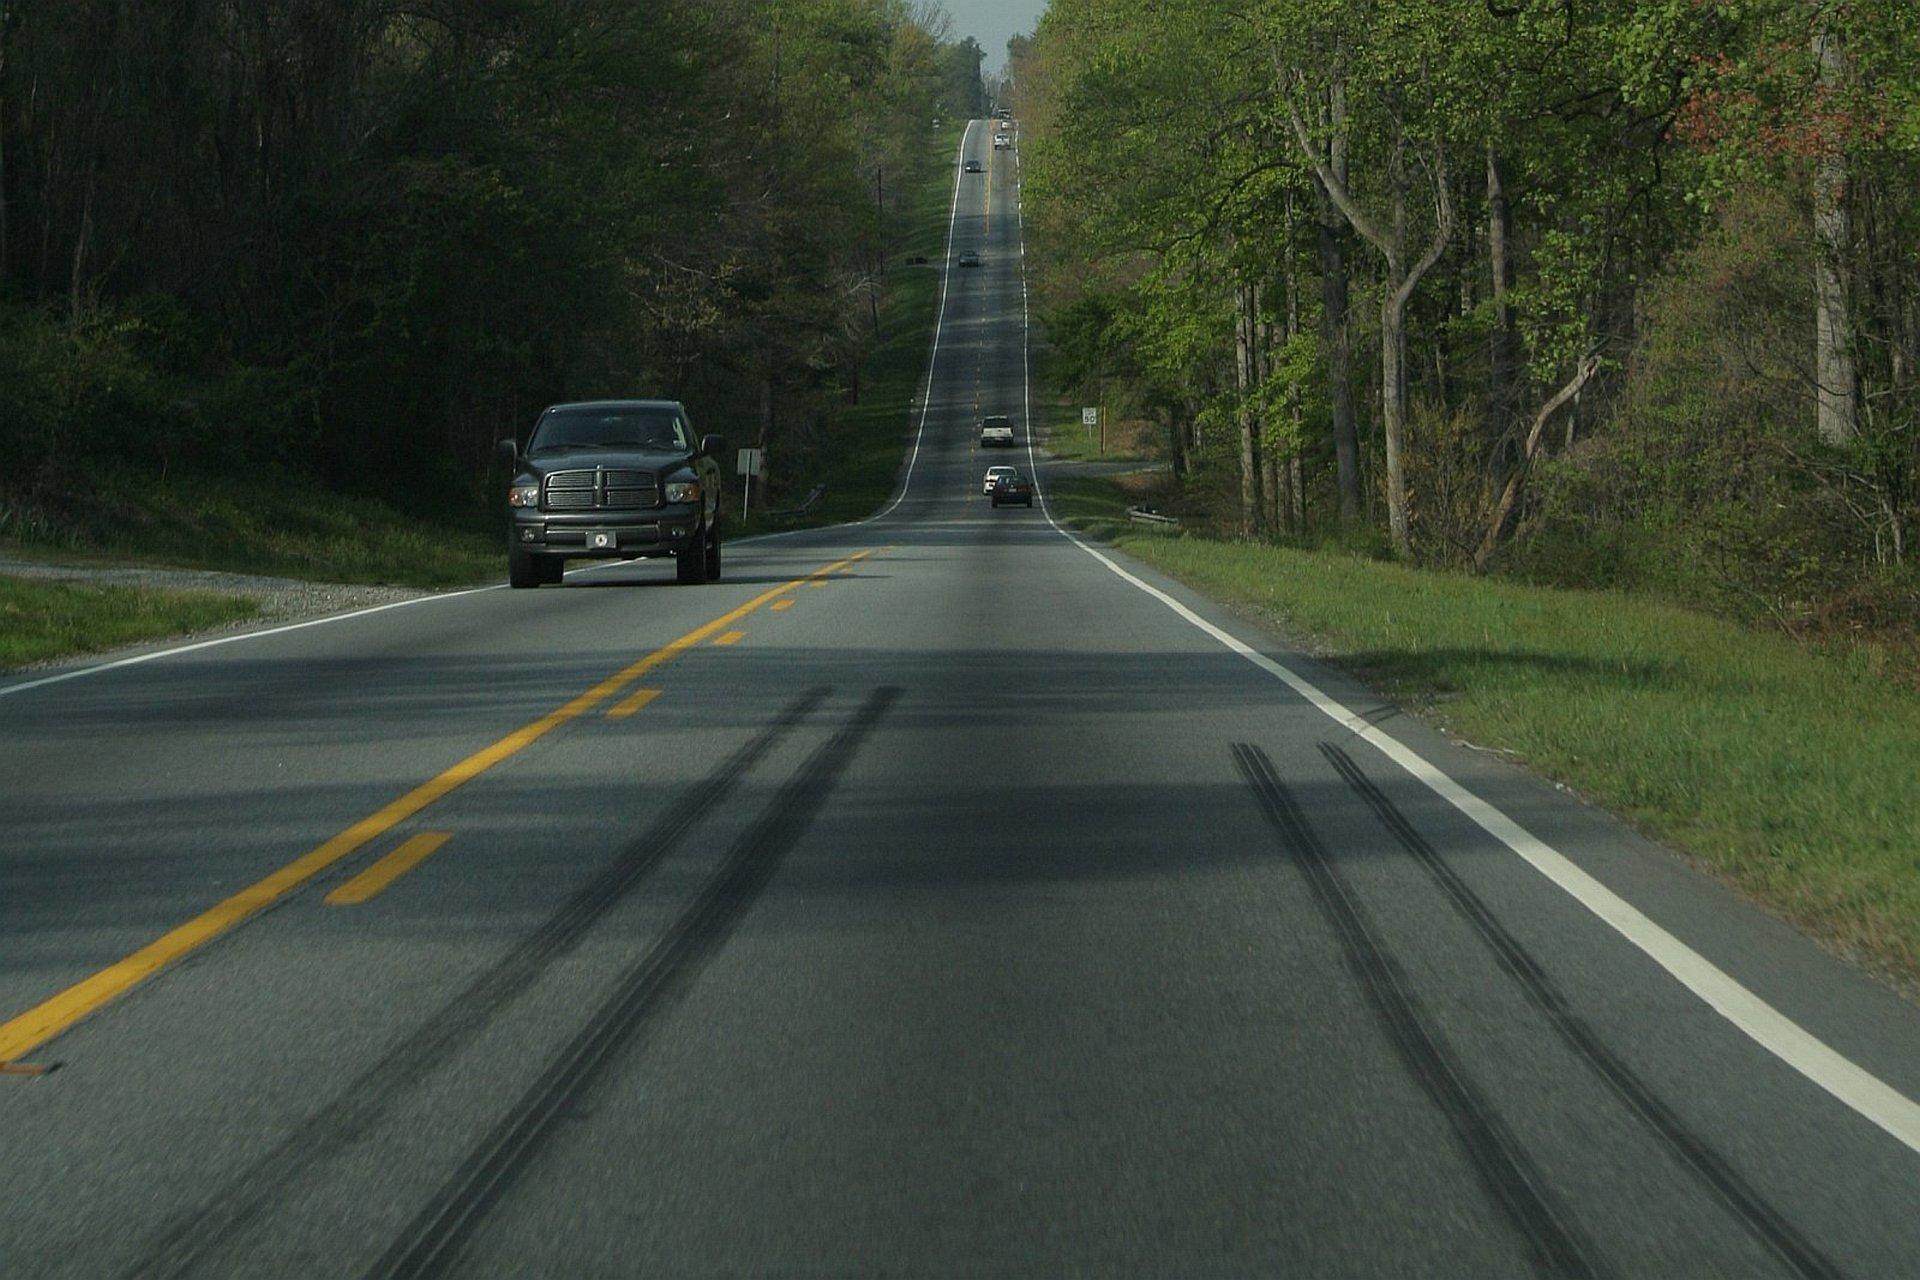 Zdjęcie przedstawia drogę zjadącymi samochodami zwysokim wzniesieniem wtle, aparat znajduje się nisko nad asfaltem. Na pierwszym planie na asfalcie widać ślady po bardzo ostrym hamowaniu.